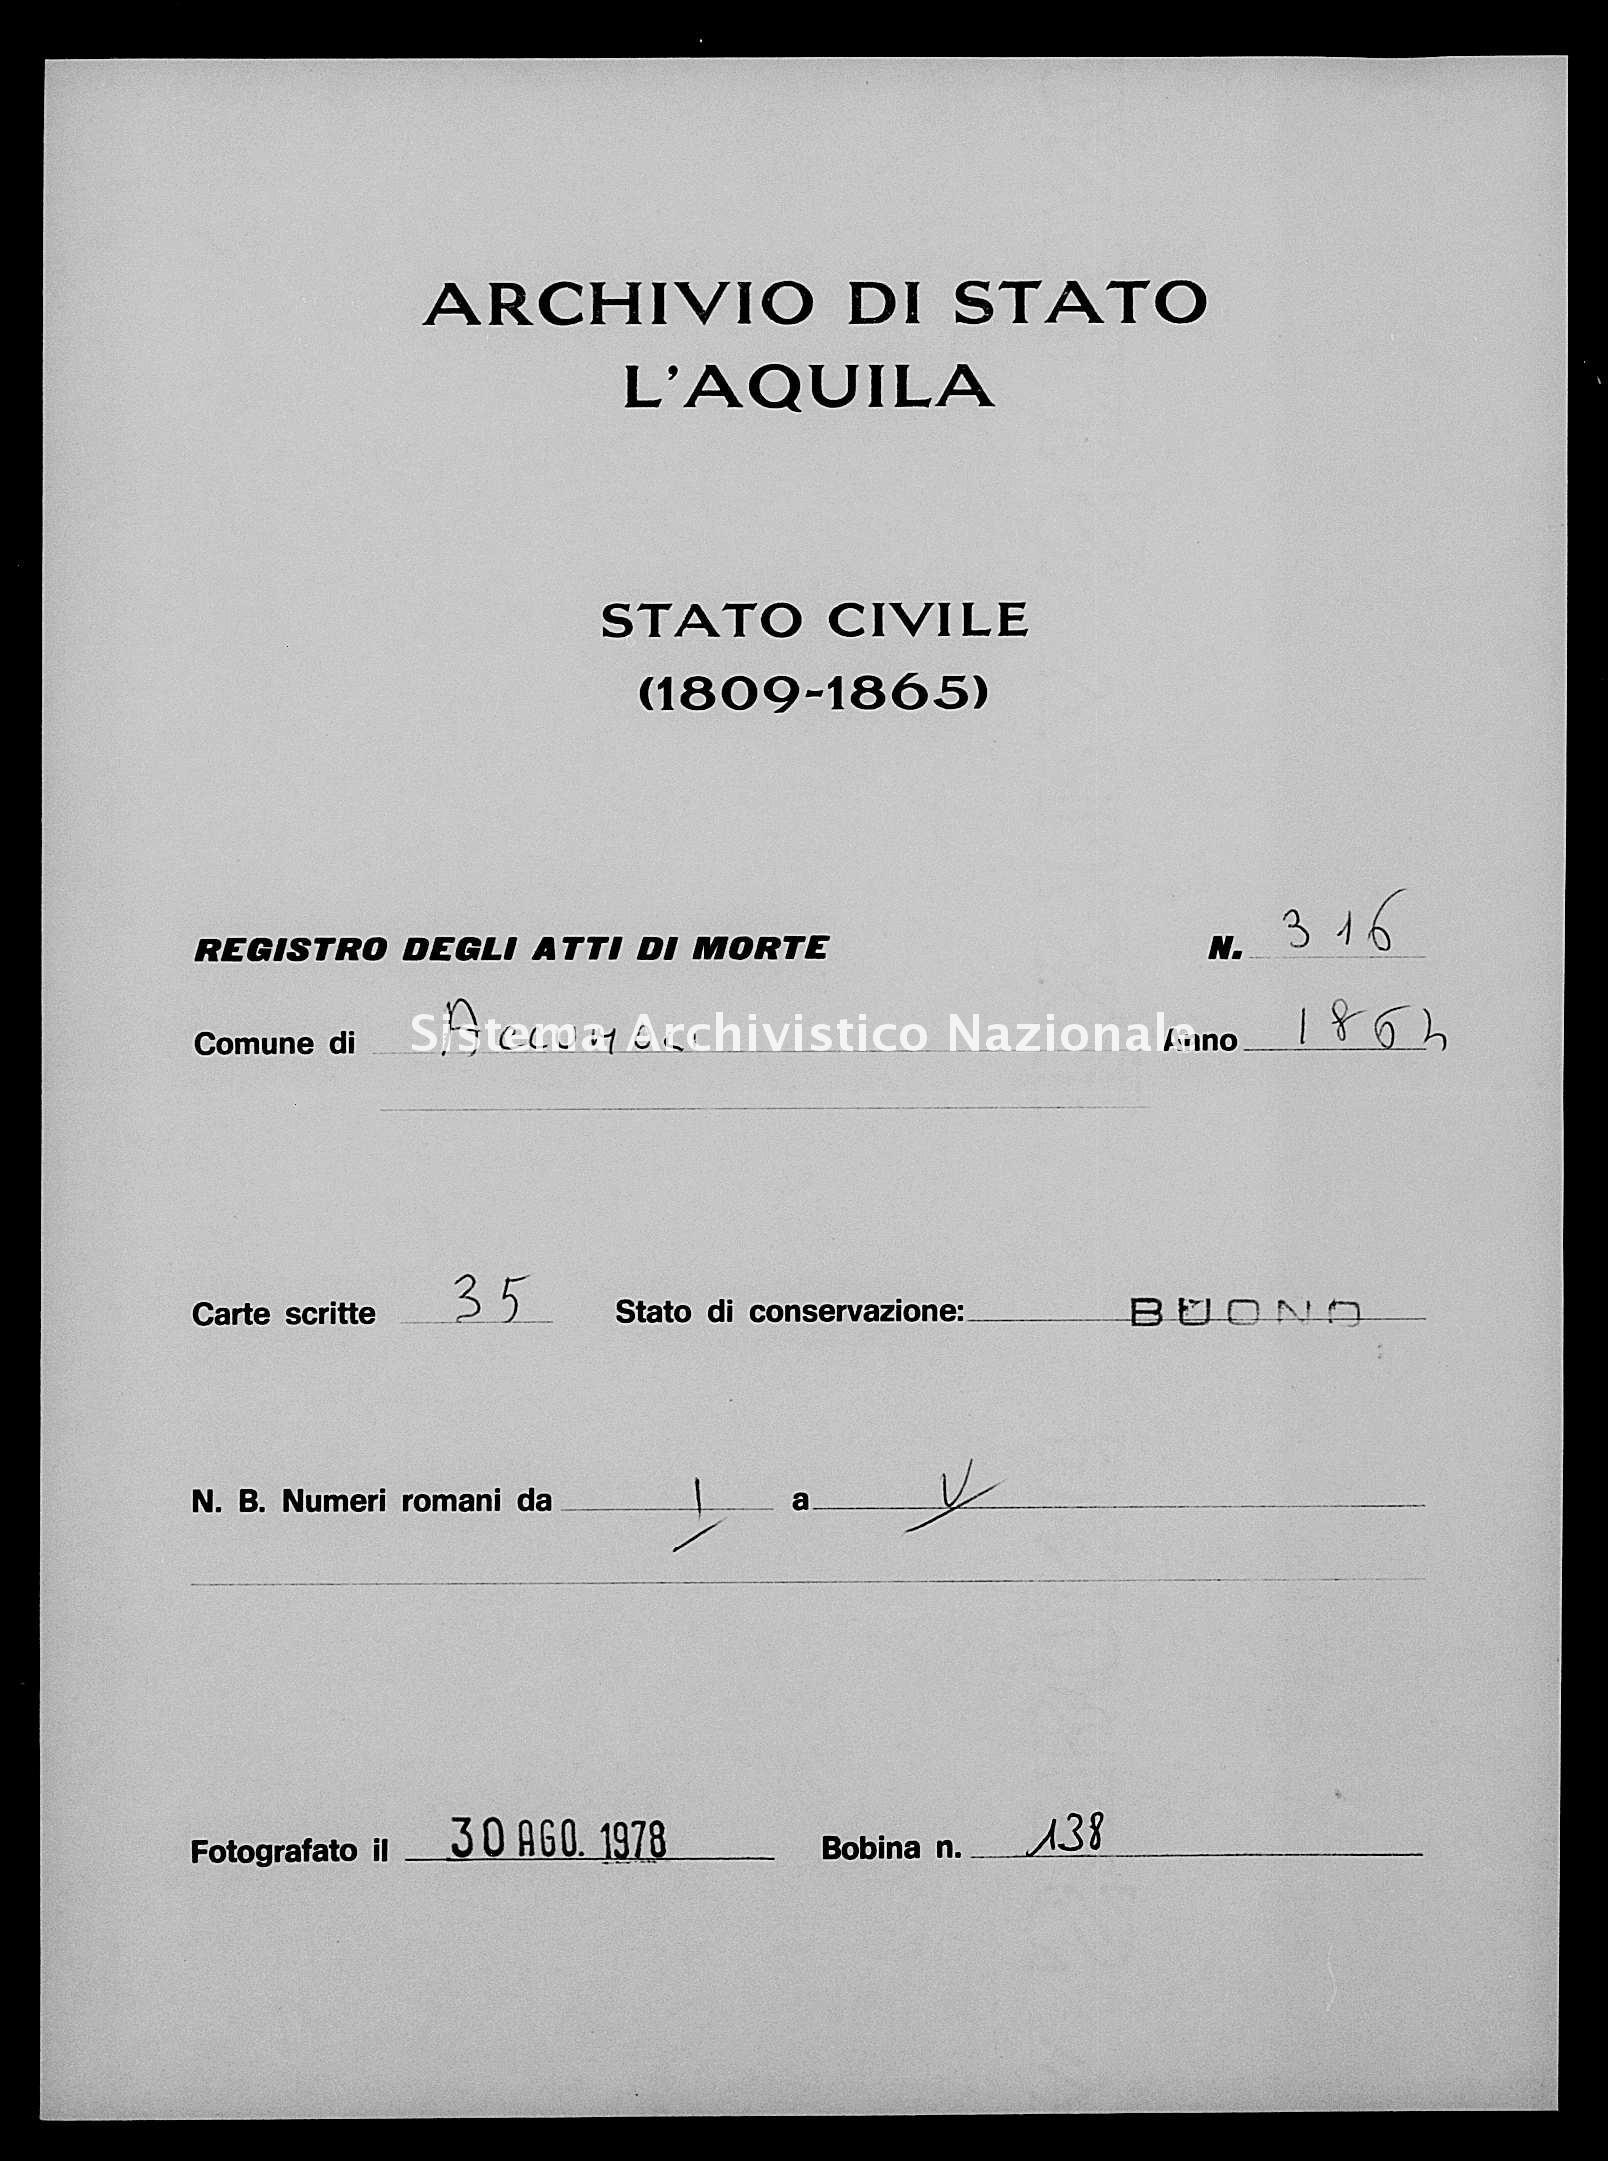 Archivio di stato di L'aquila - Stato civile italiano - Accumoli - Morti - 1864 - 316 -